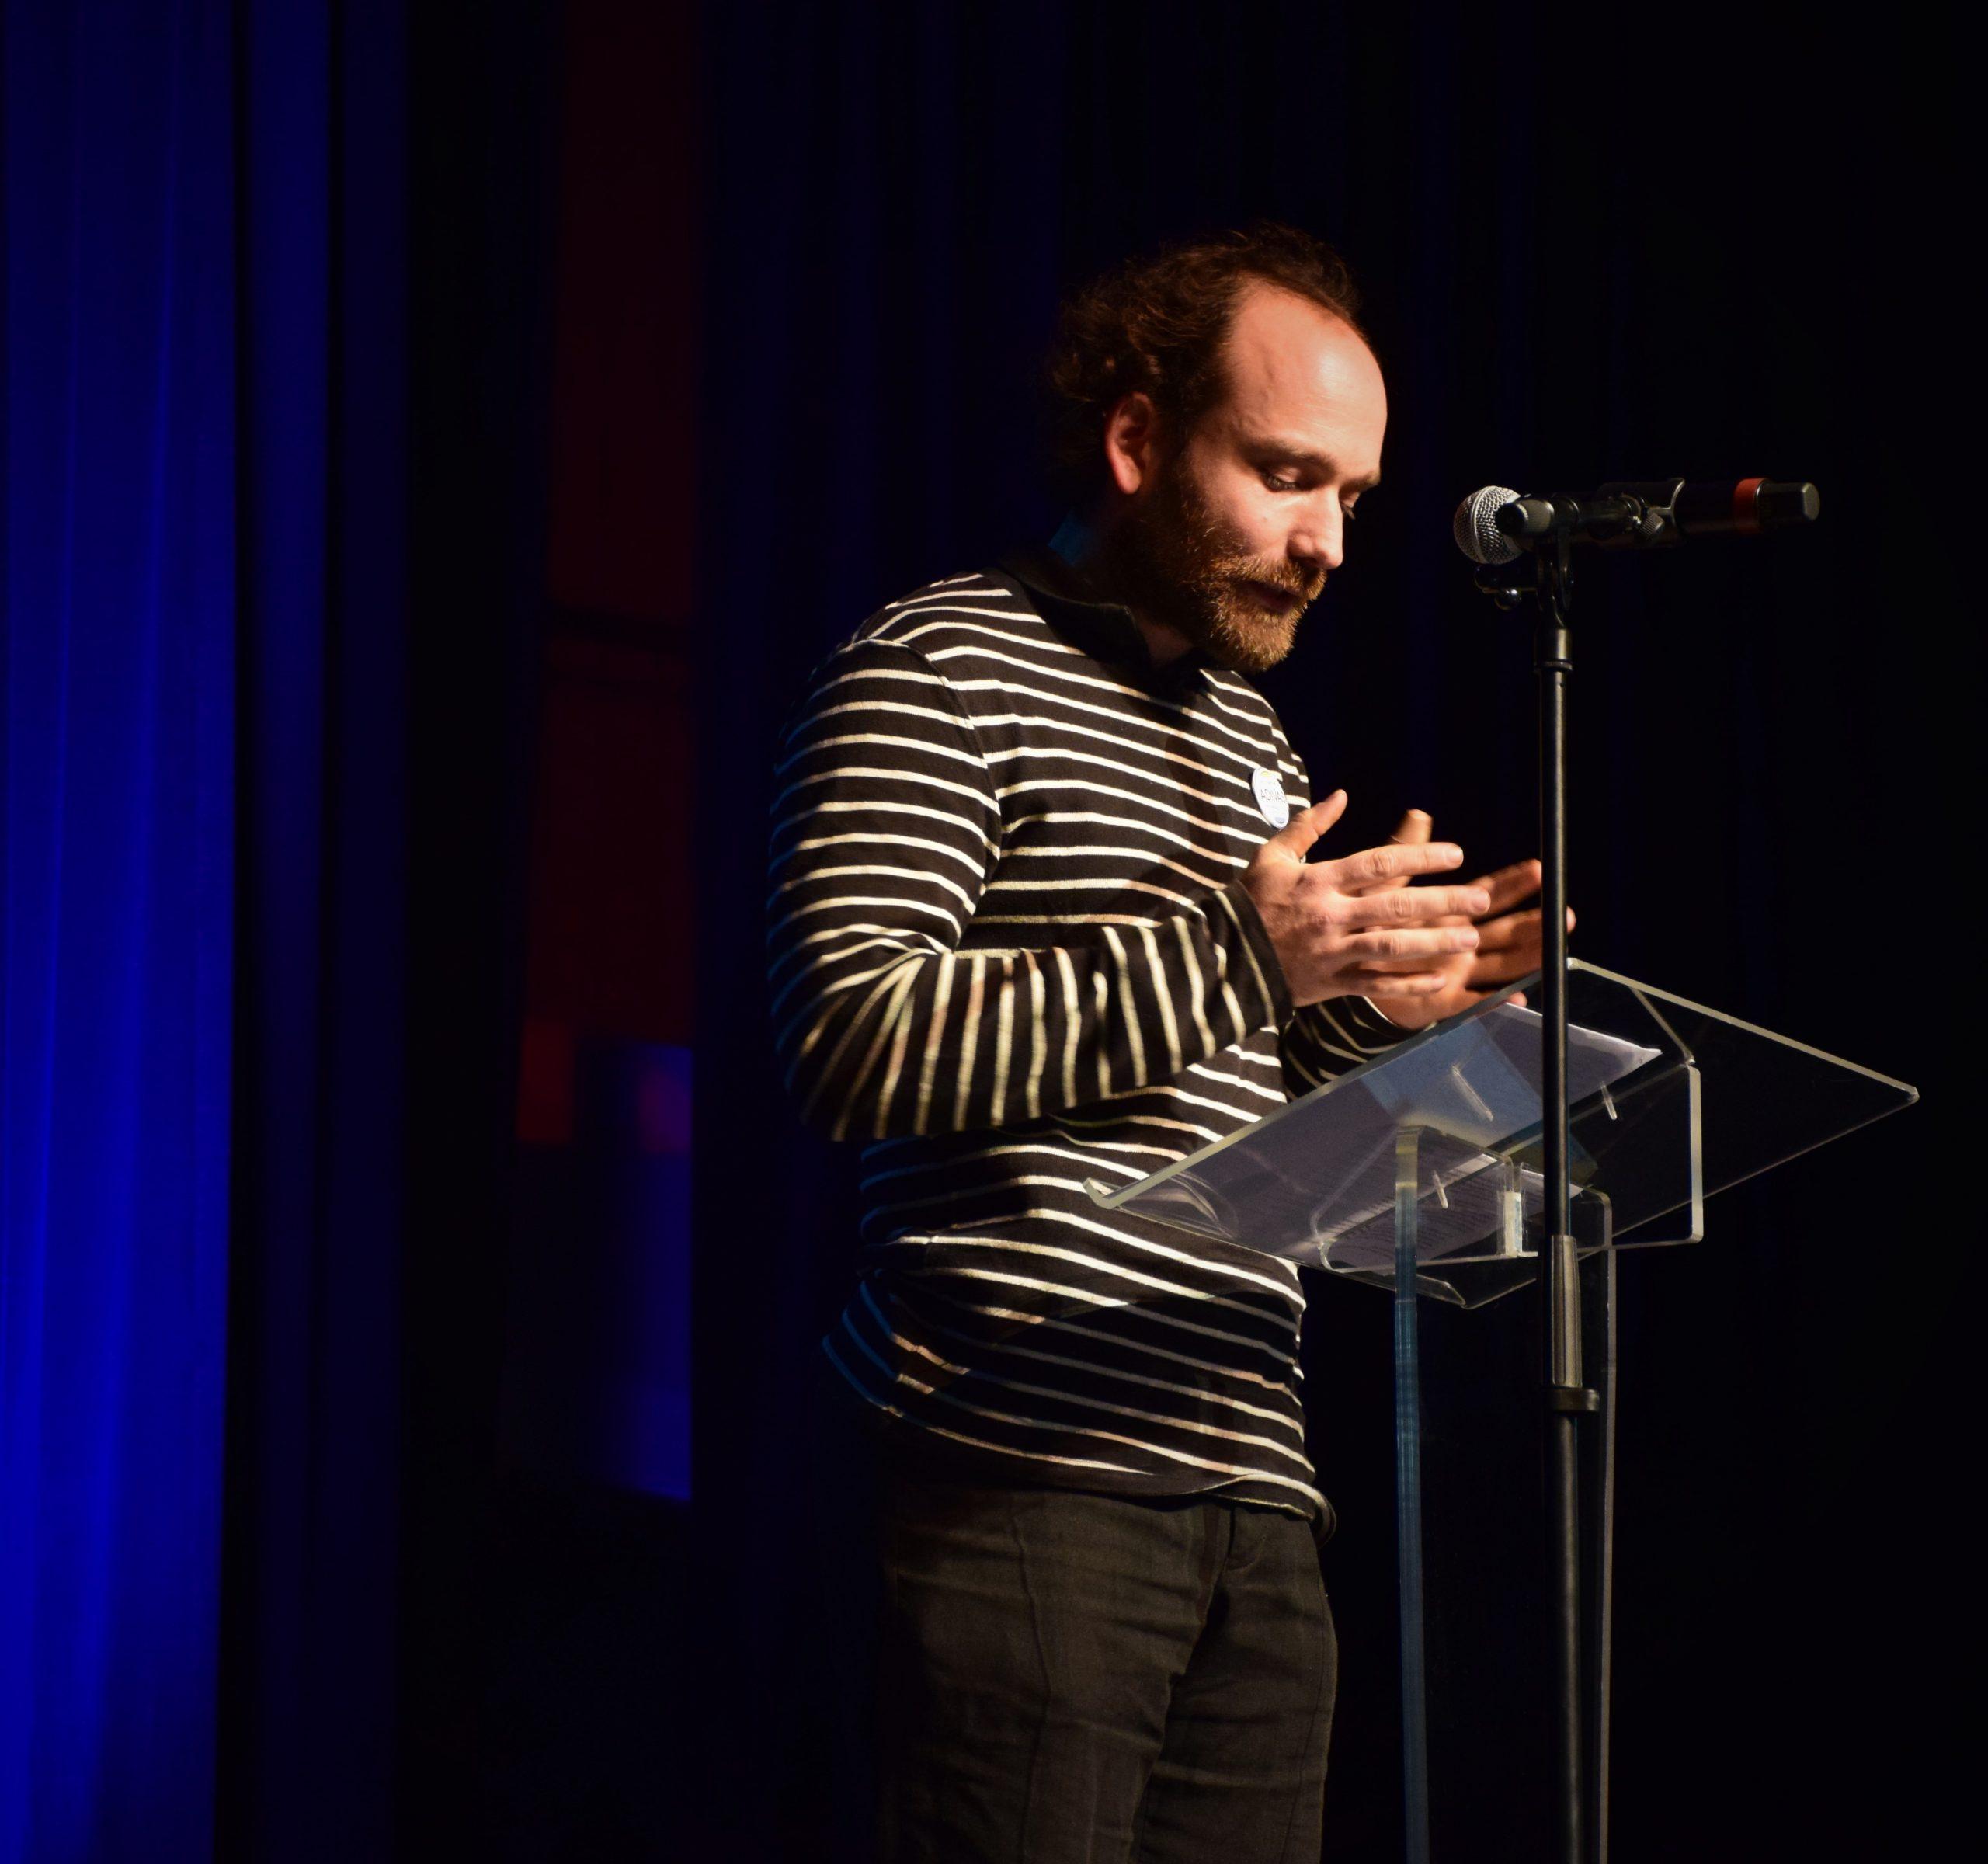 Pierre Ouvrard, vice-président de l'ADIVAS, souligne l'importance du réseau et l'intérêt d'une association de diplômés.  Crédit photo : ©Club photo CDA